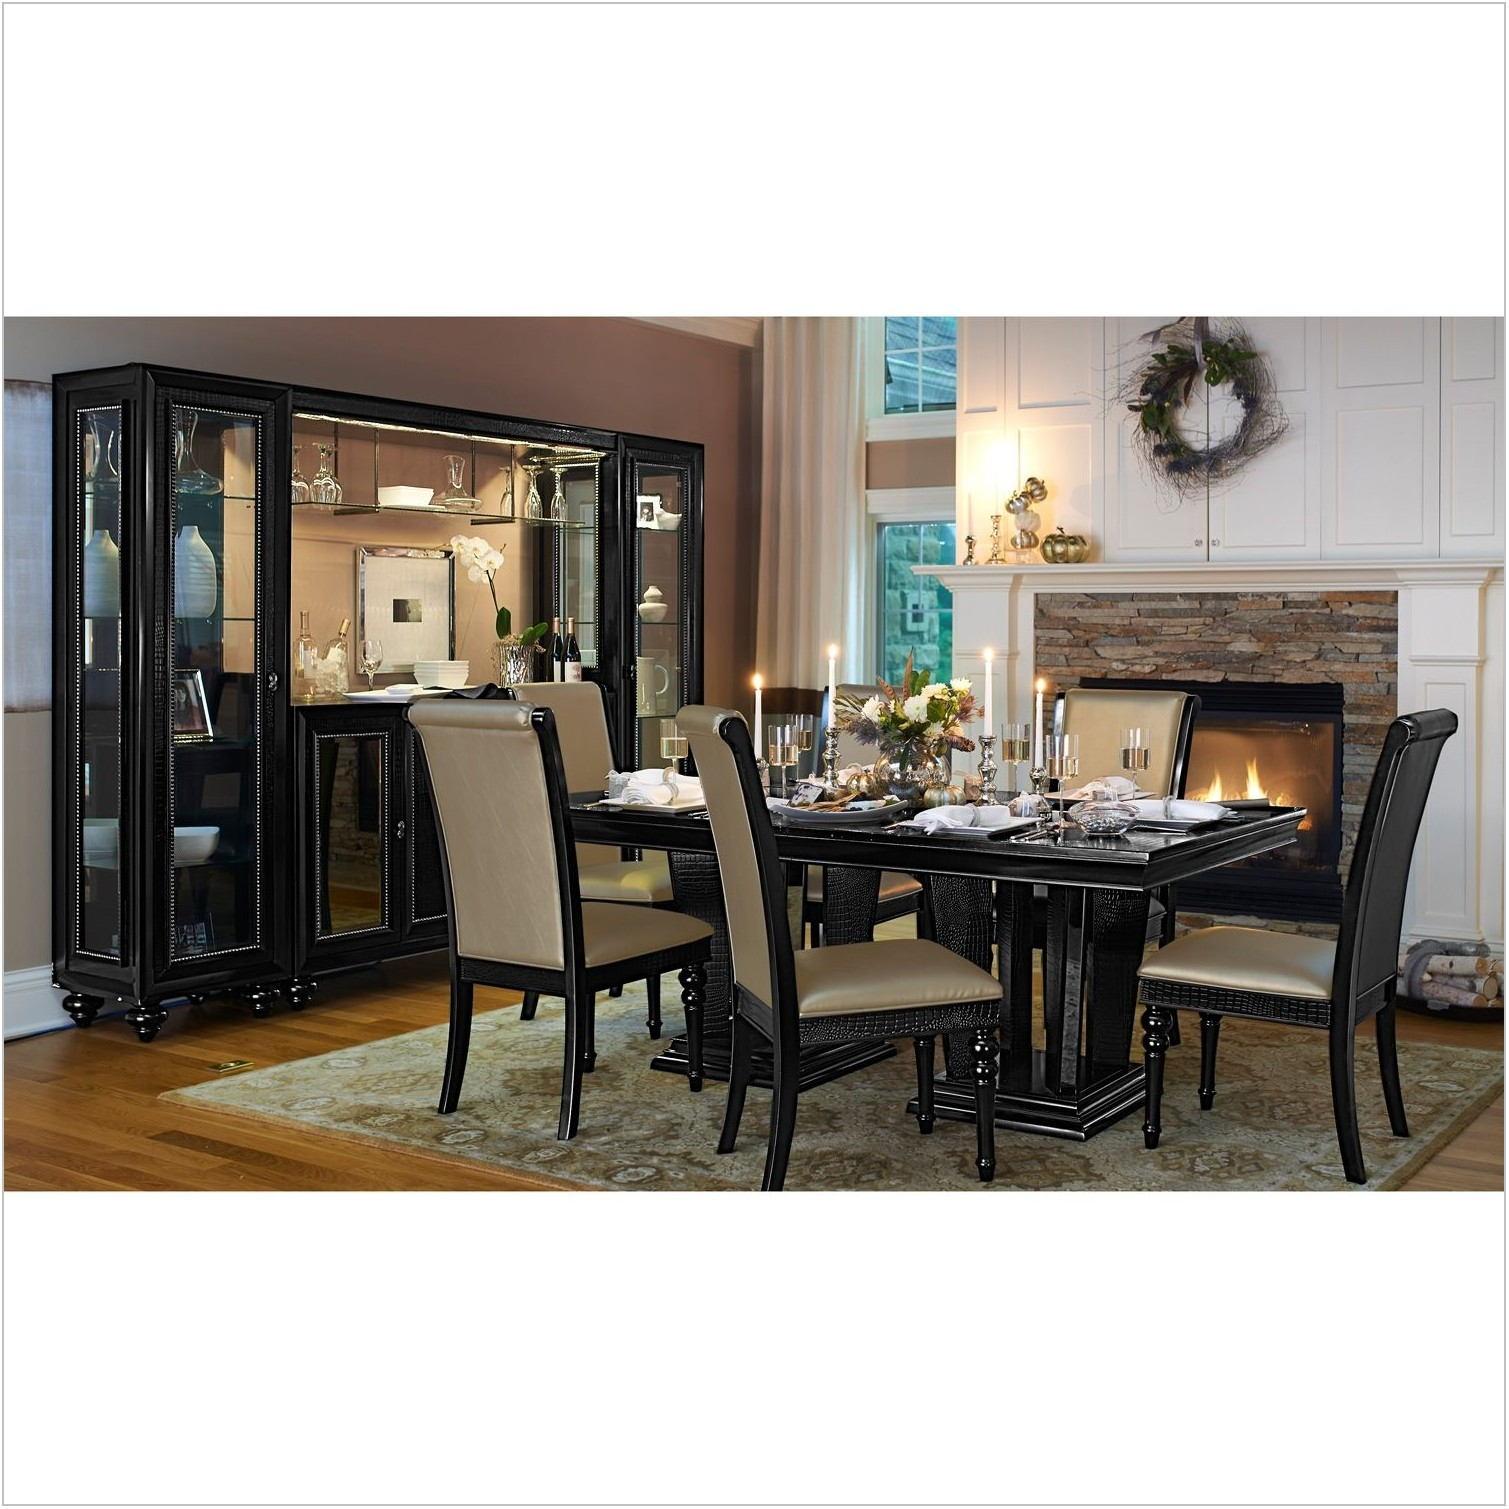 American Signature Furniture Dining Room